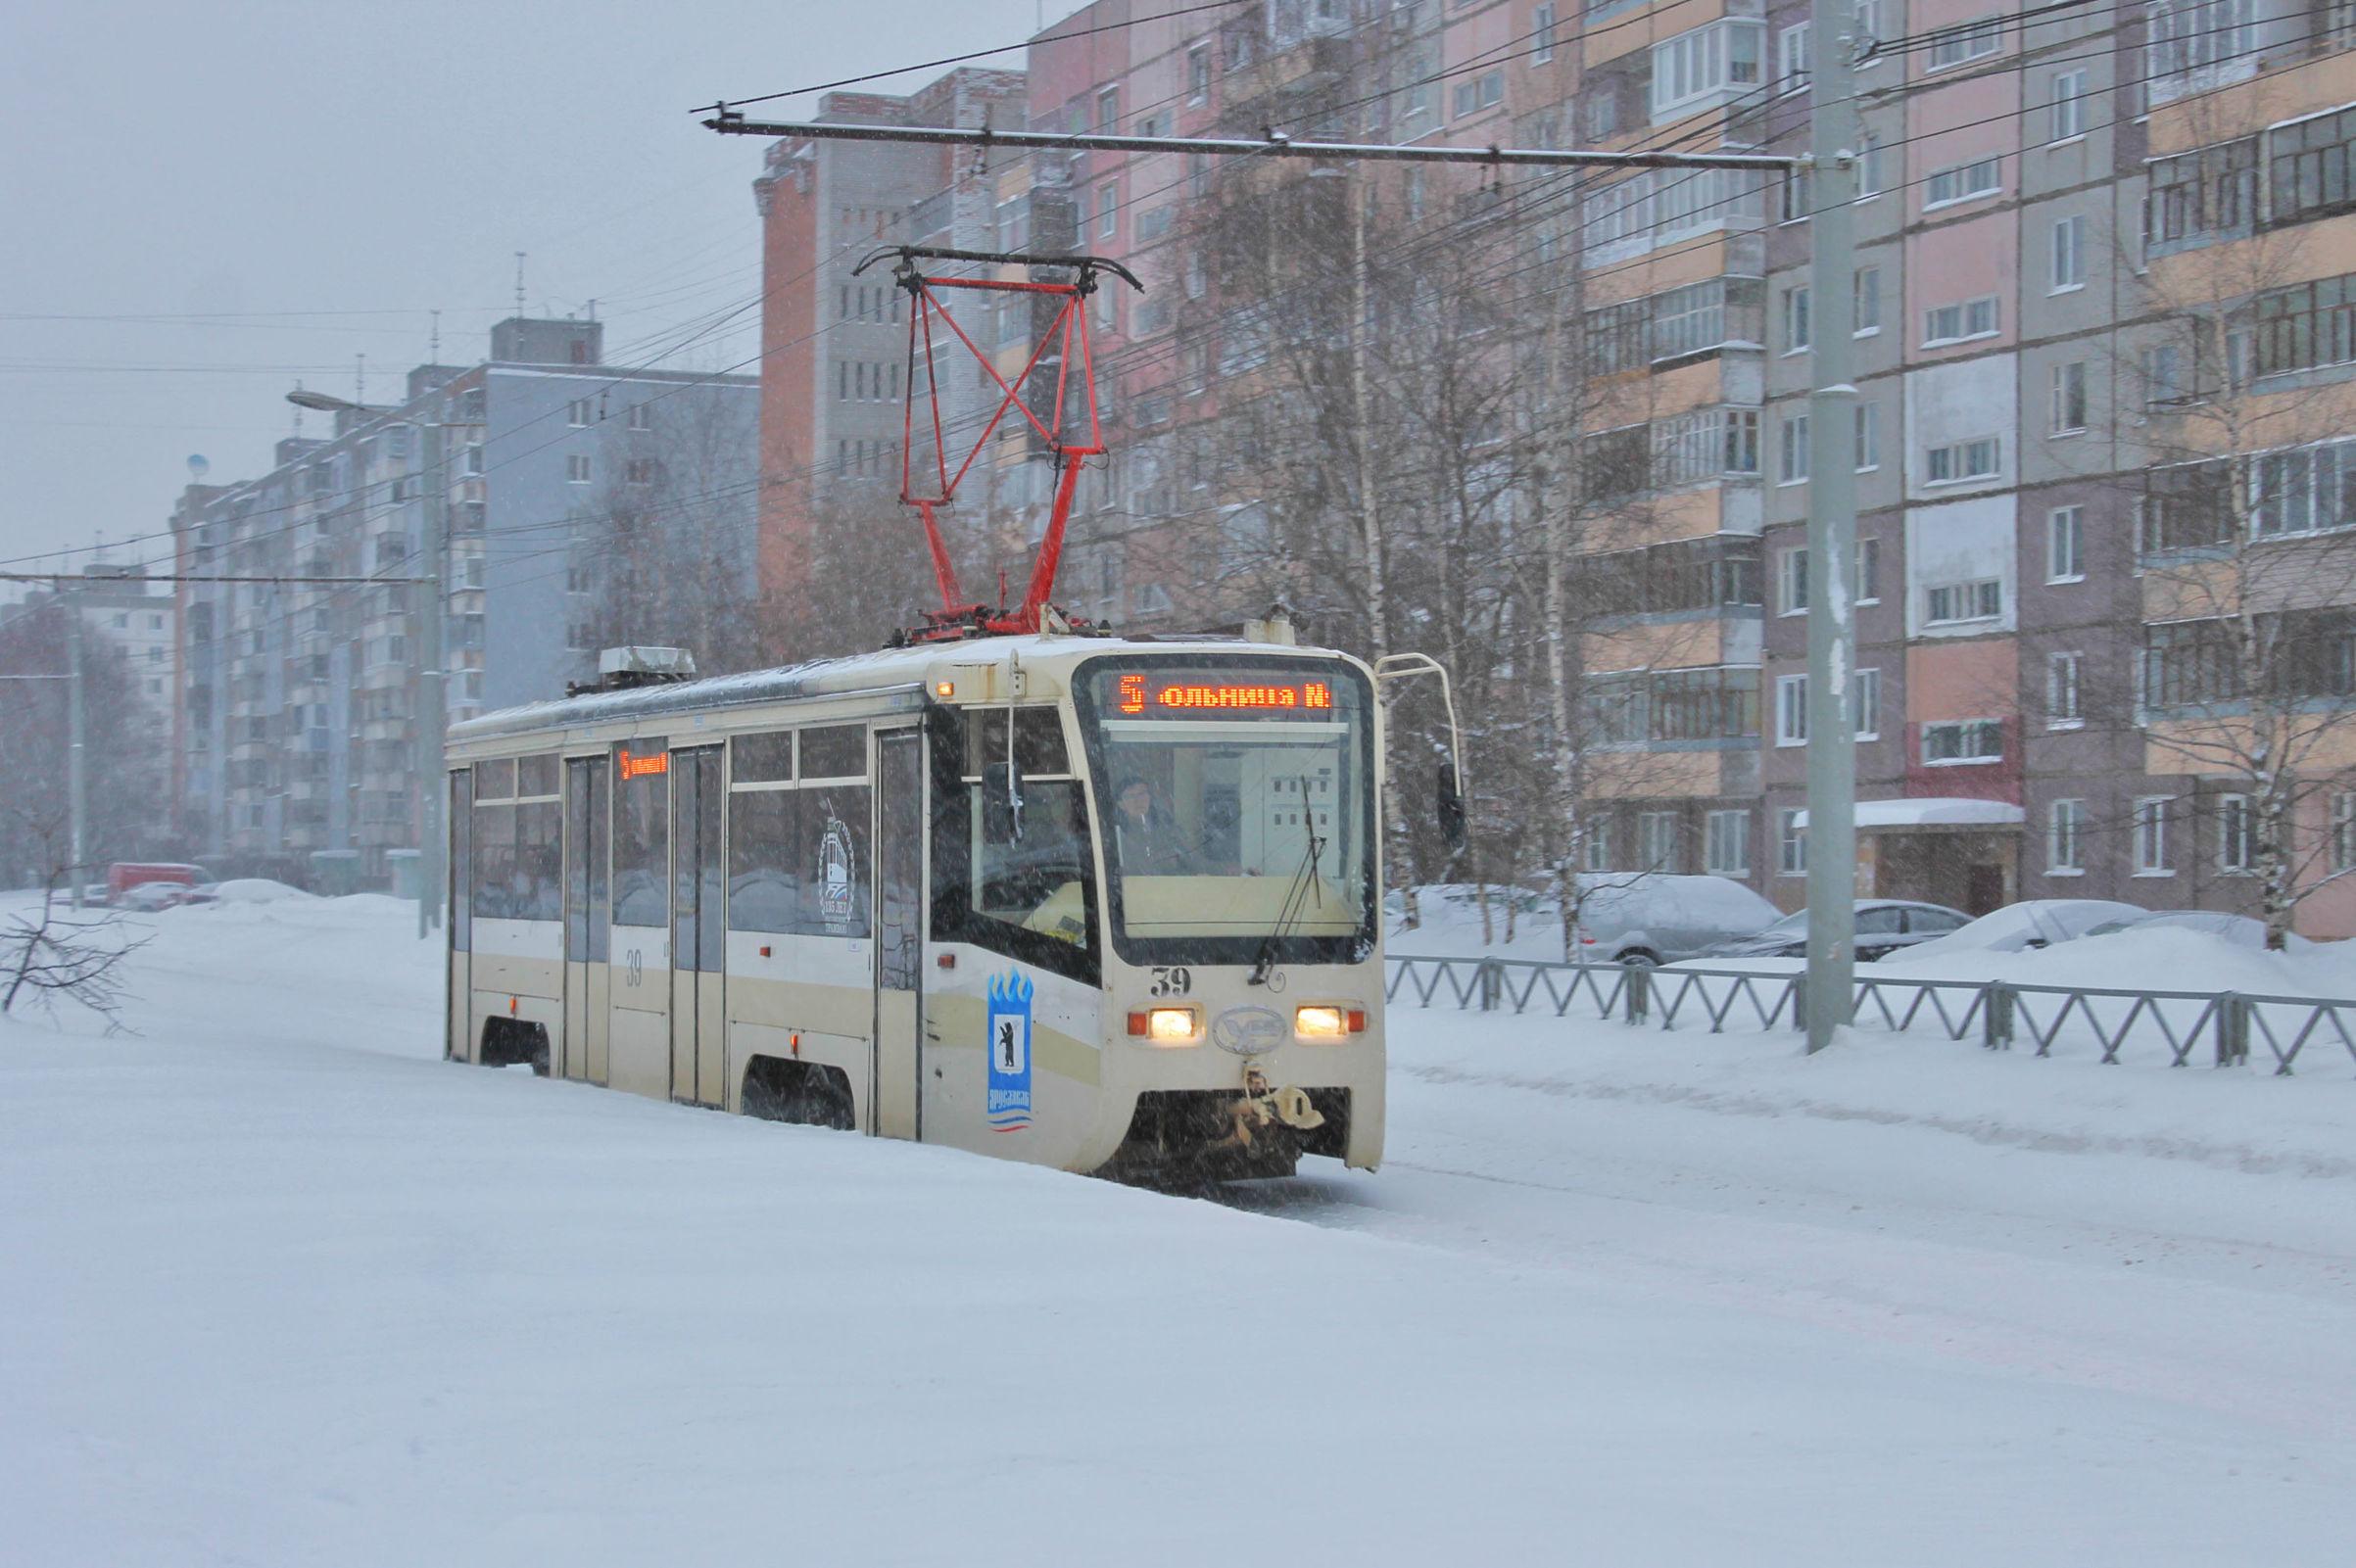 Новую транспортную схему в Ярославле начнут внедрять уже в марте